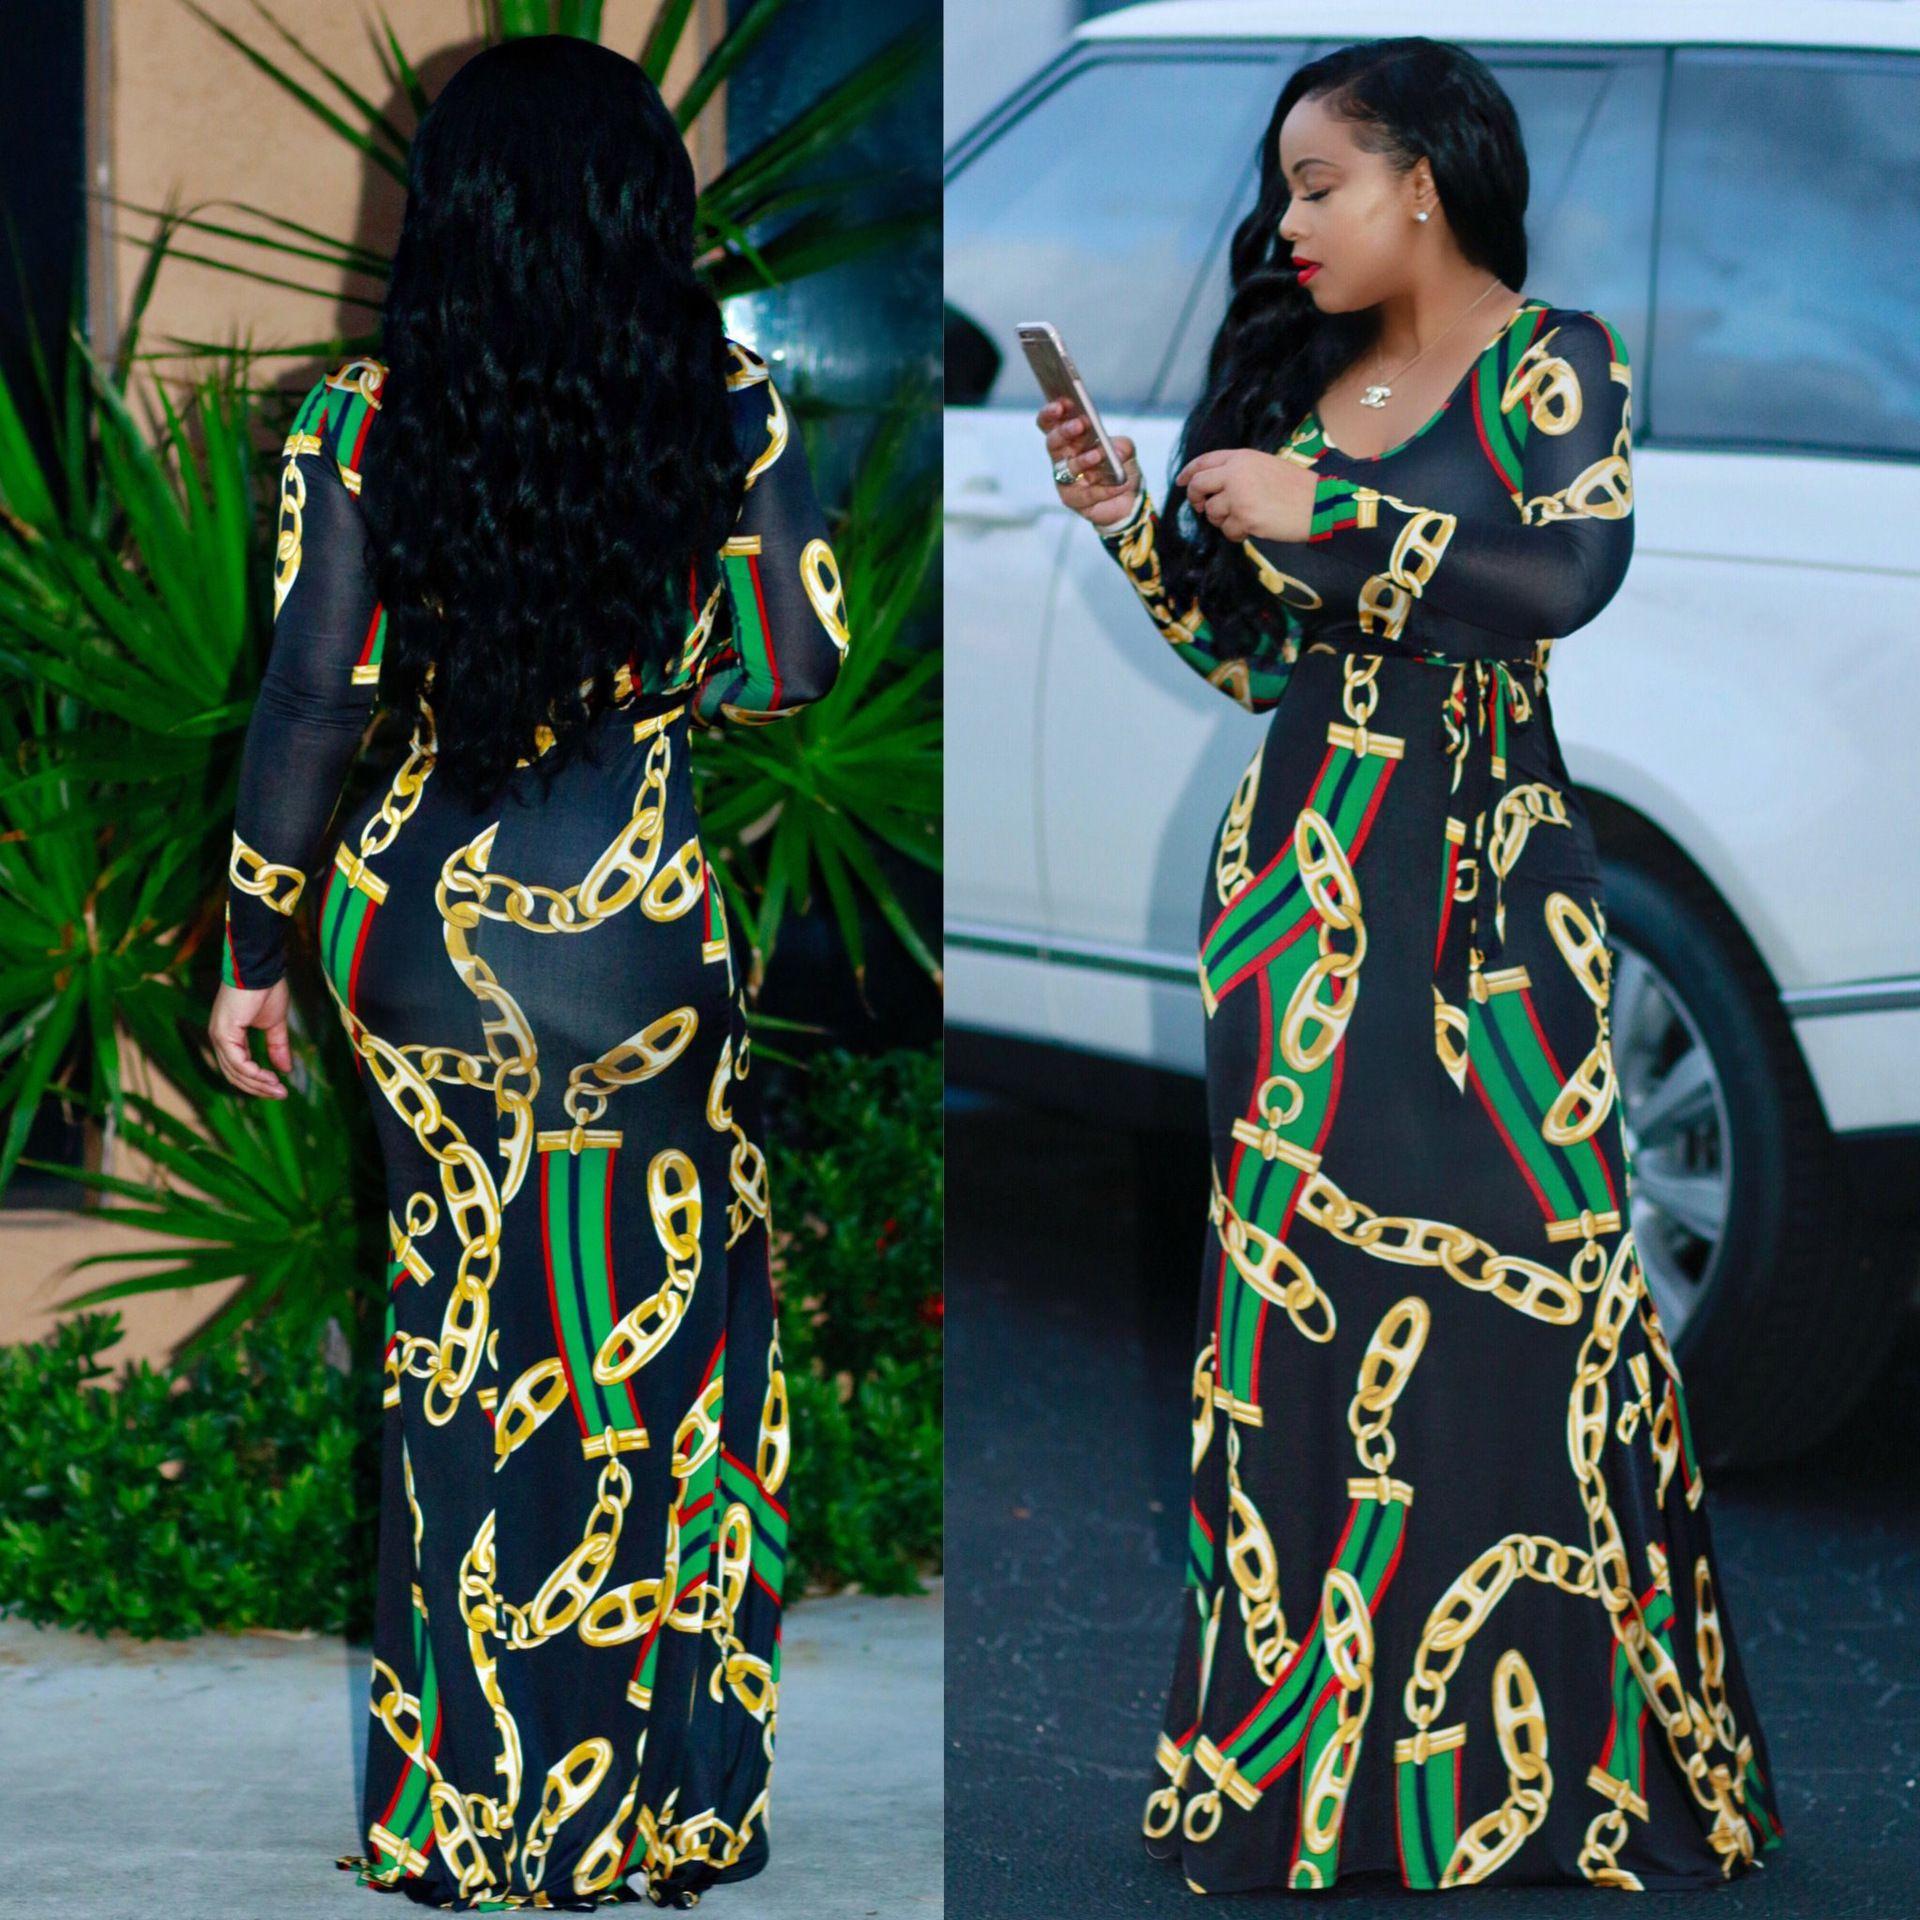 2017 sonbahar bayan maxi dress geleneksel afrika baskı uzun dress dashiki elastik zarif bayanlar bodycon vintage zincir baskı artı boyutu 3xl